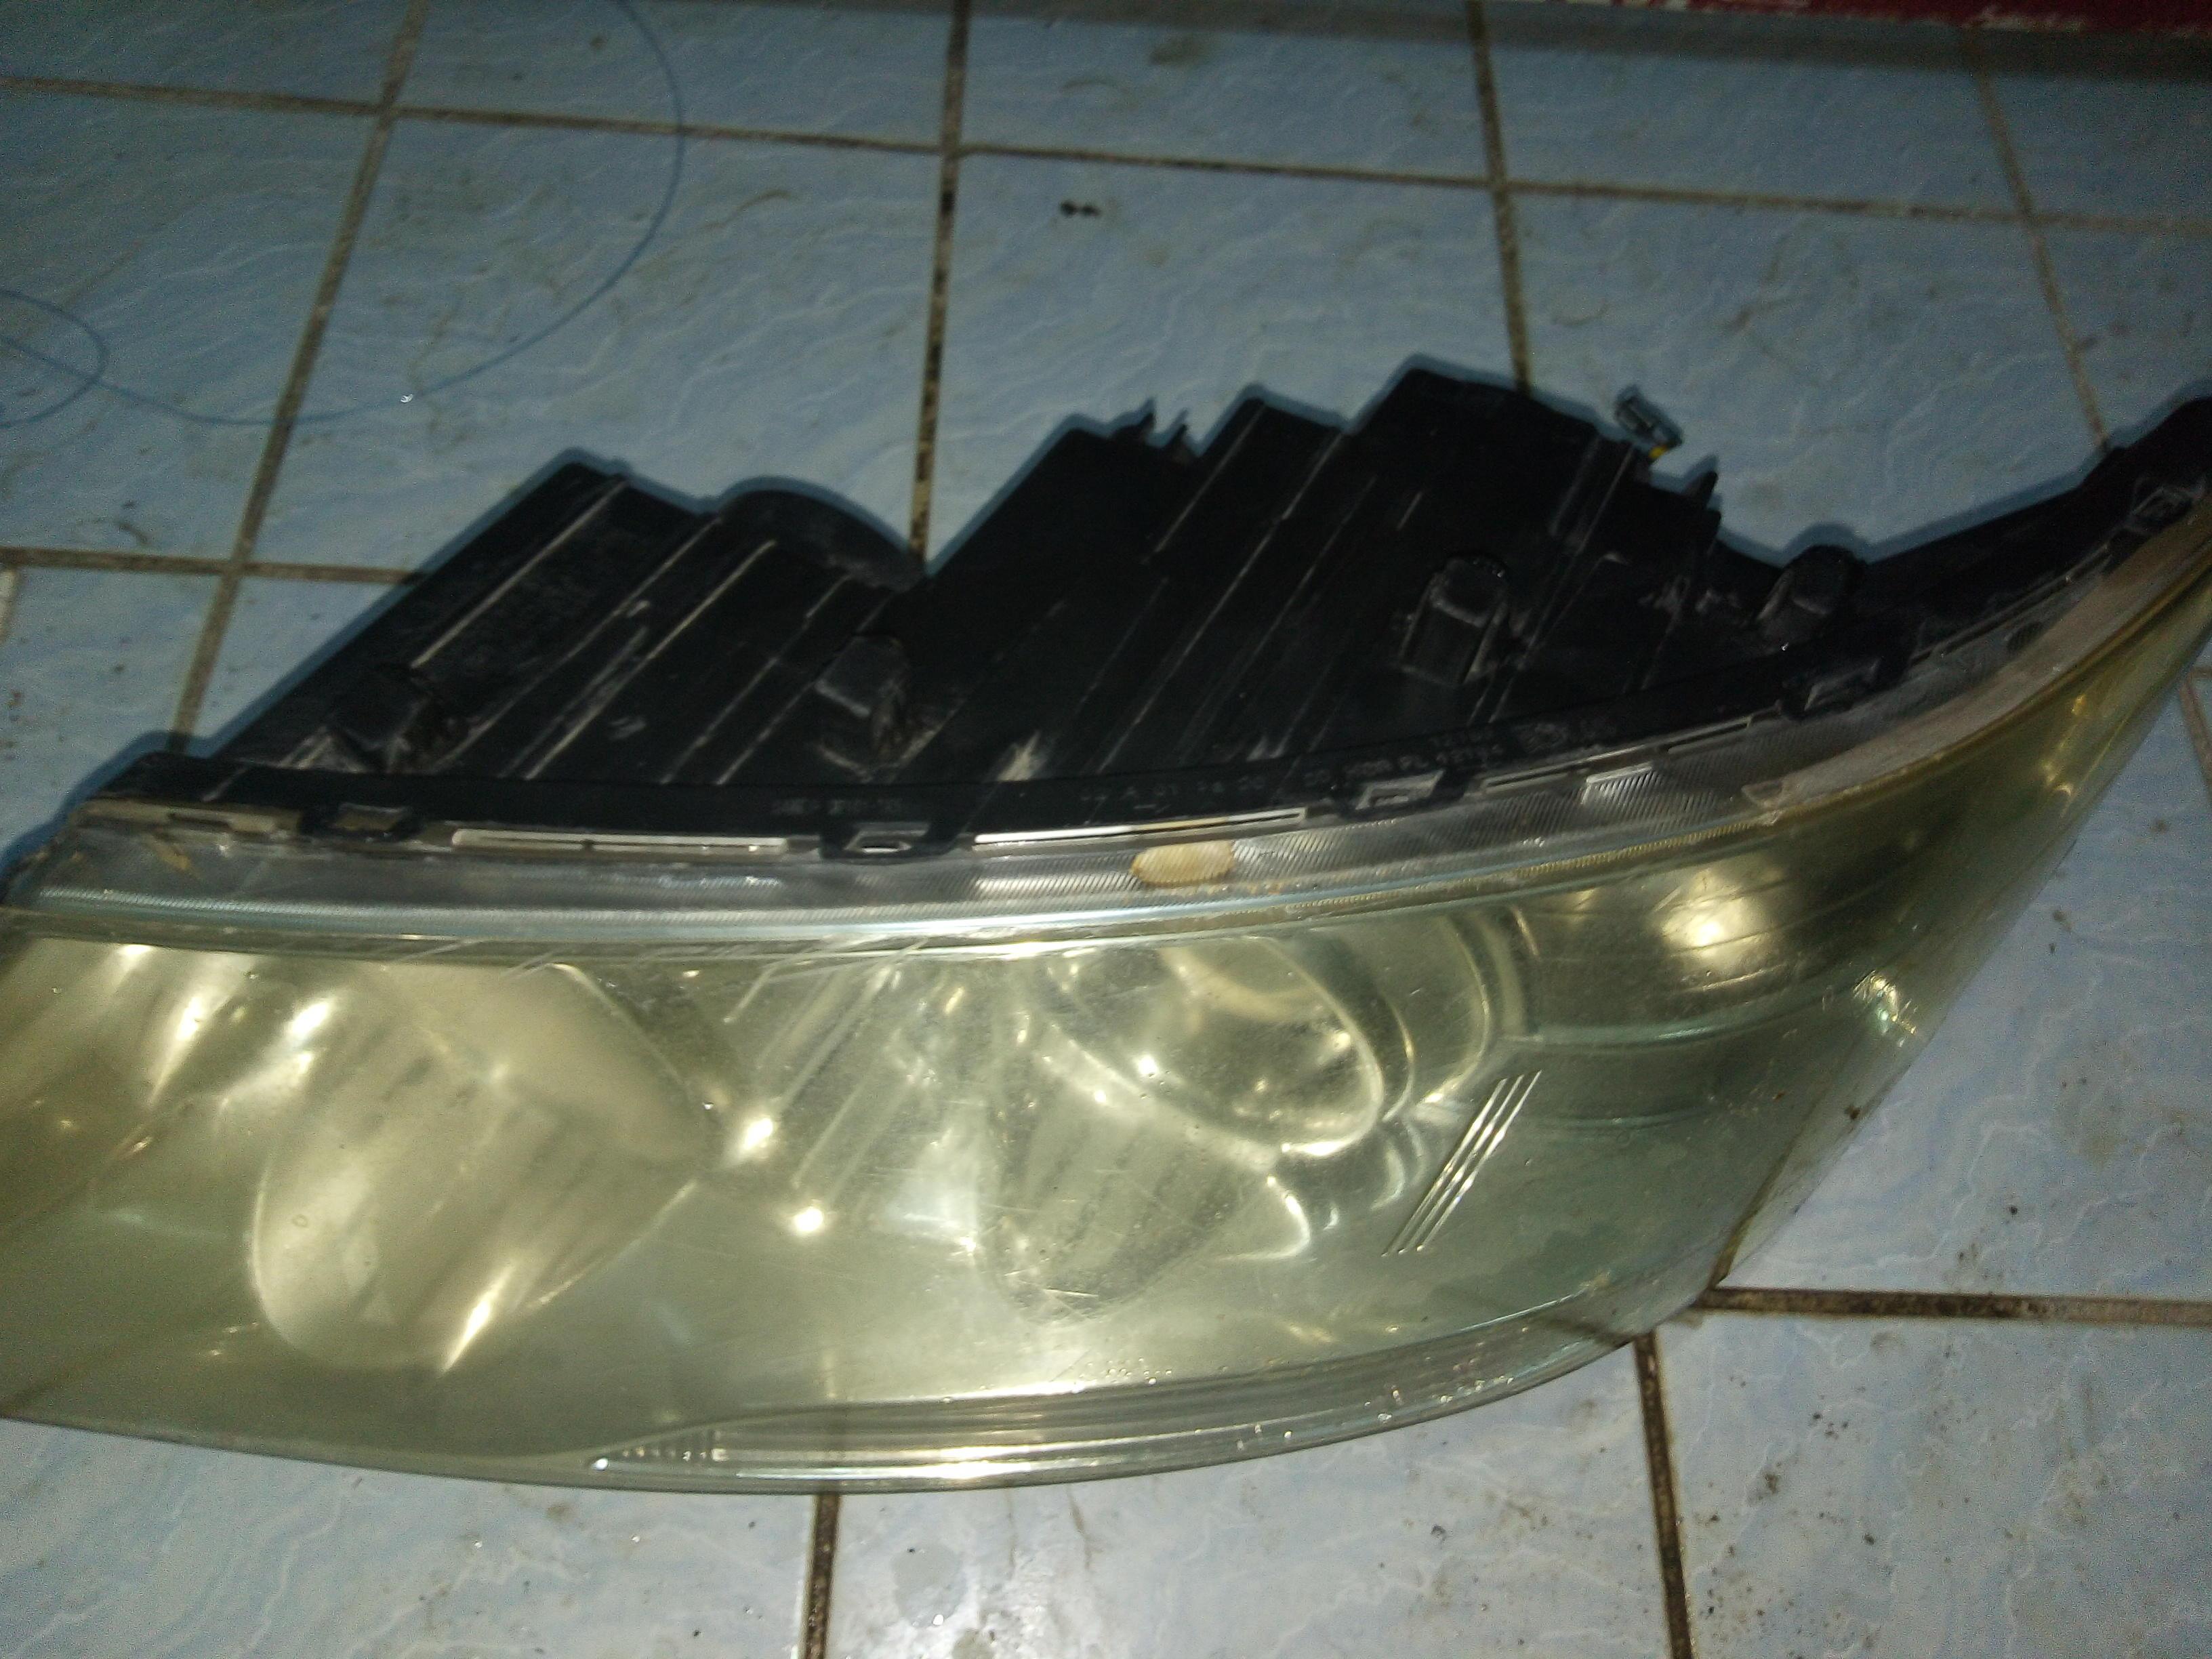 شمعات سوناتا 2010 تبوك